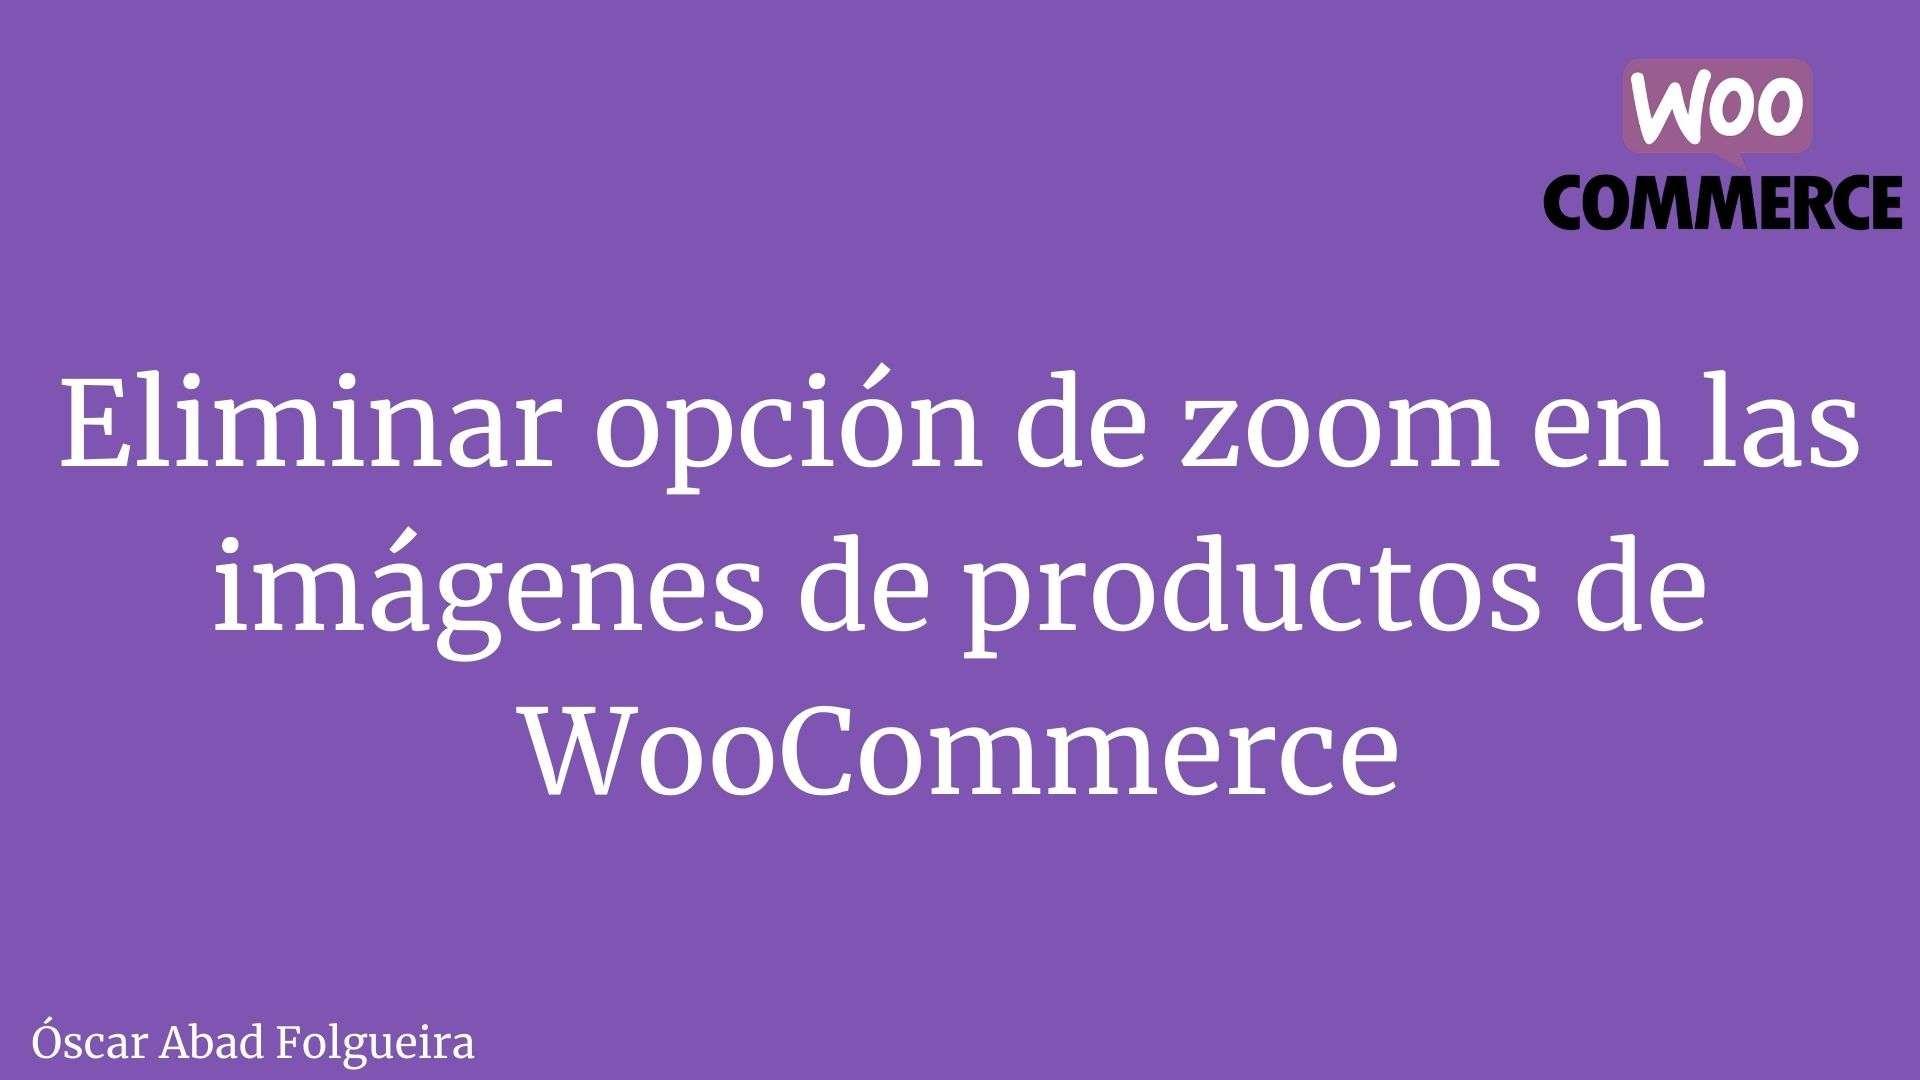 Eliminar opcion de zoom en imagenes de producto de WooCommerce